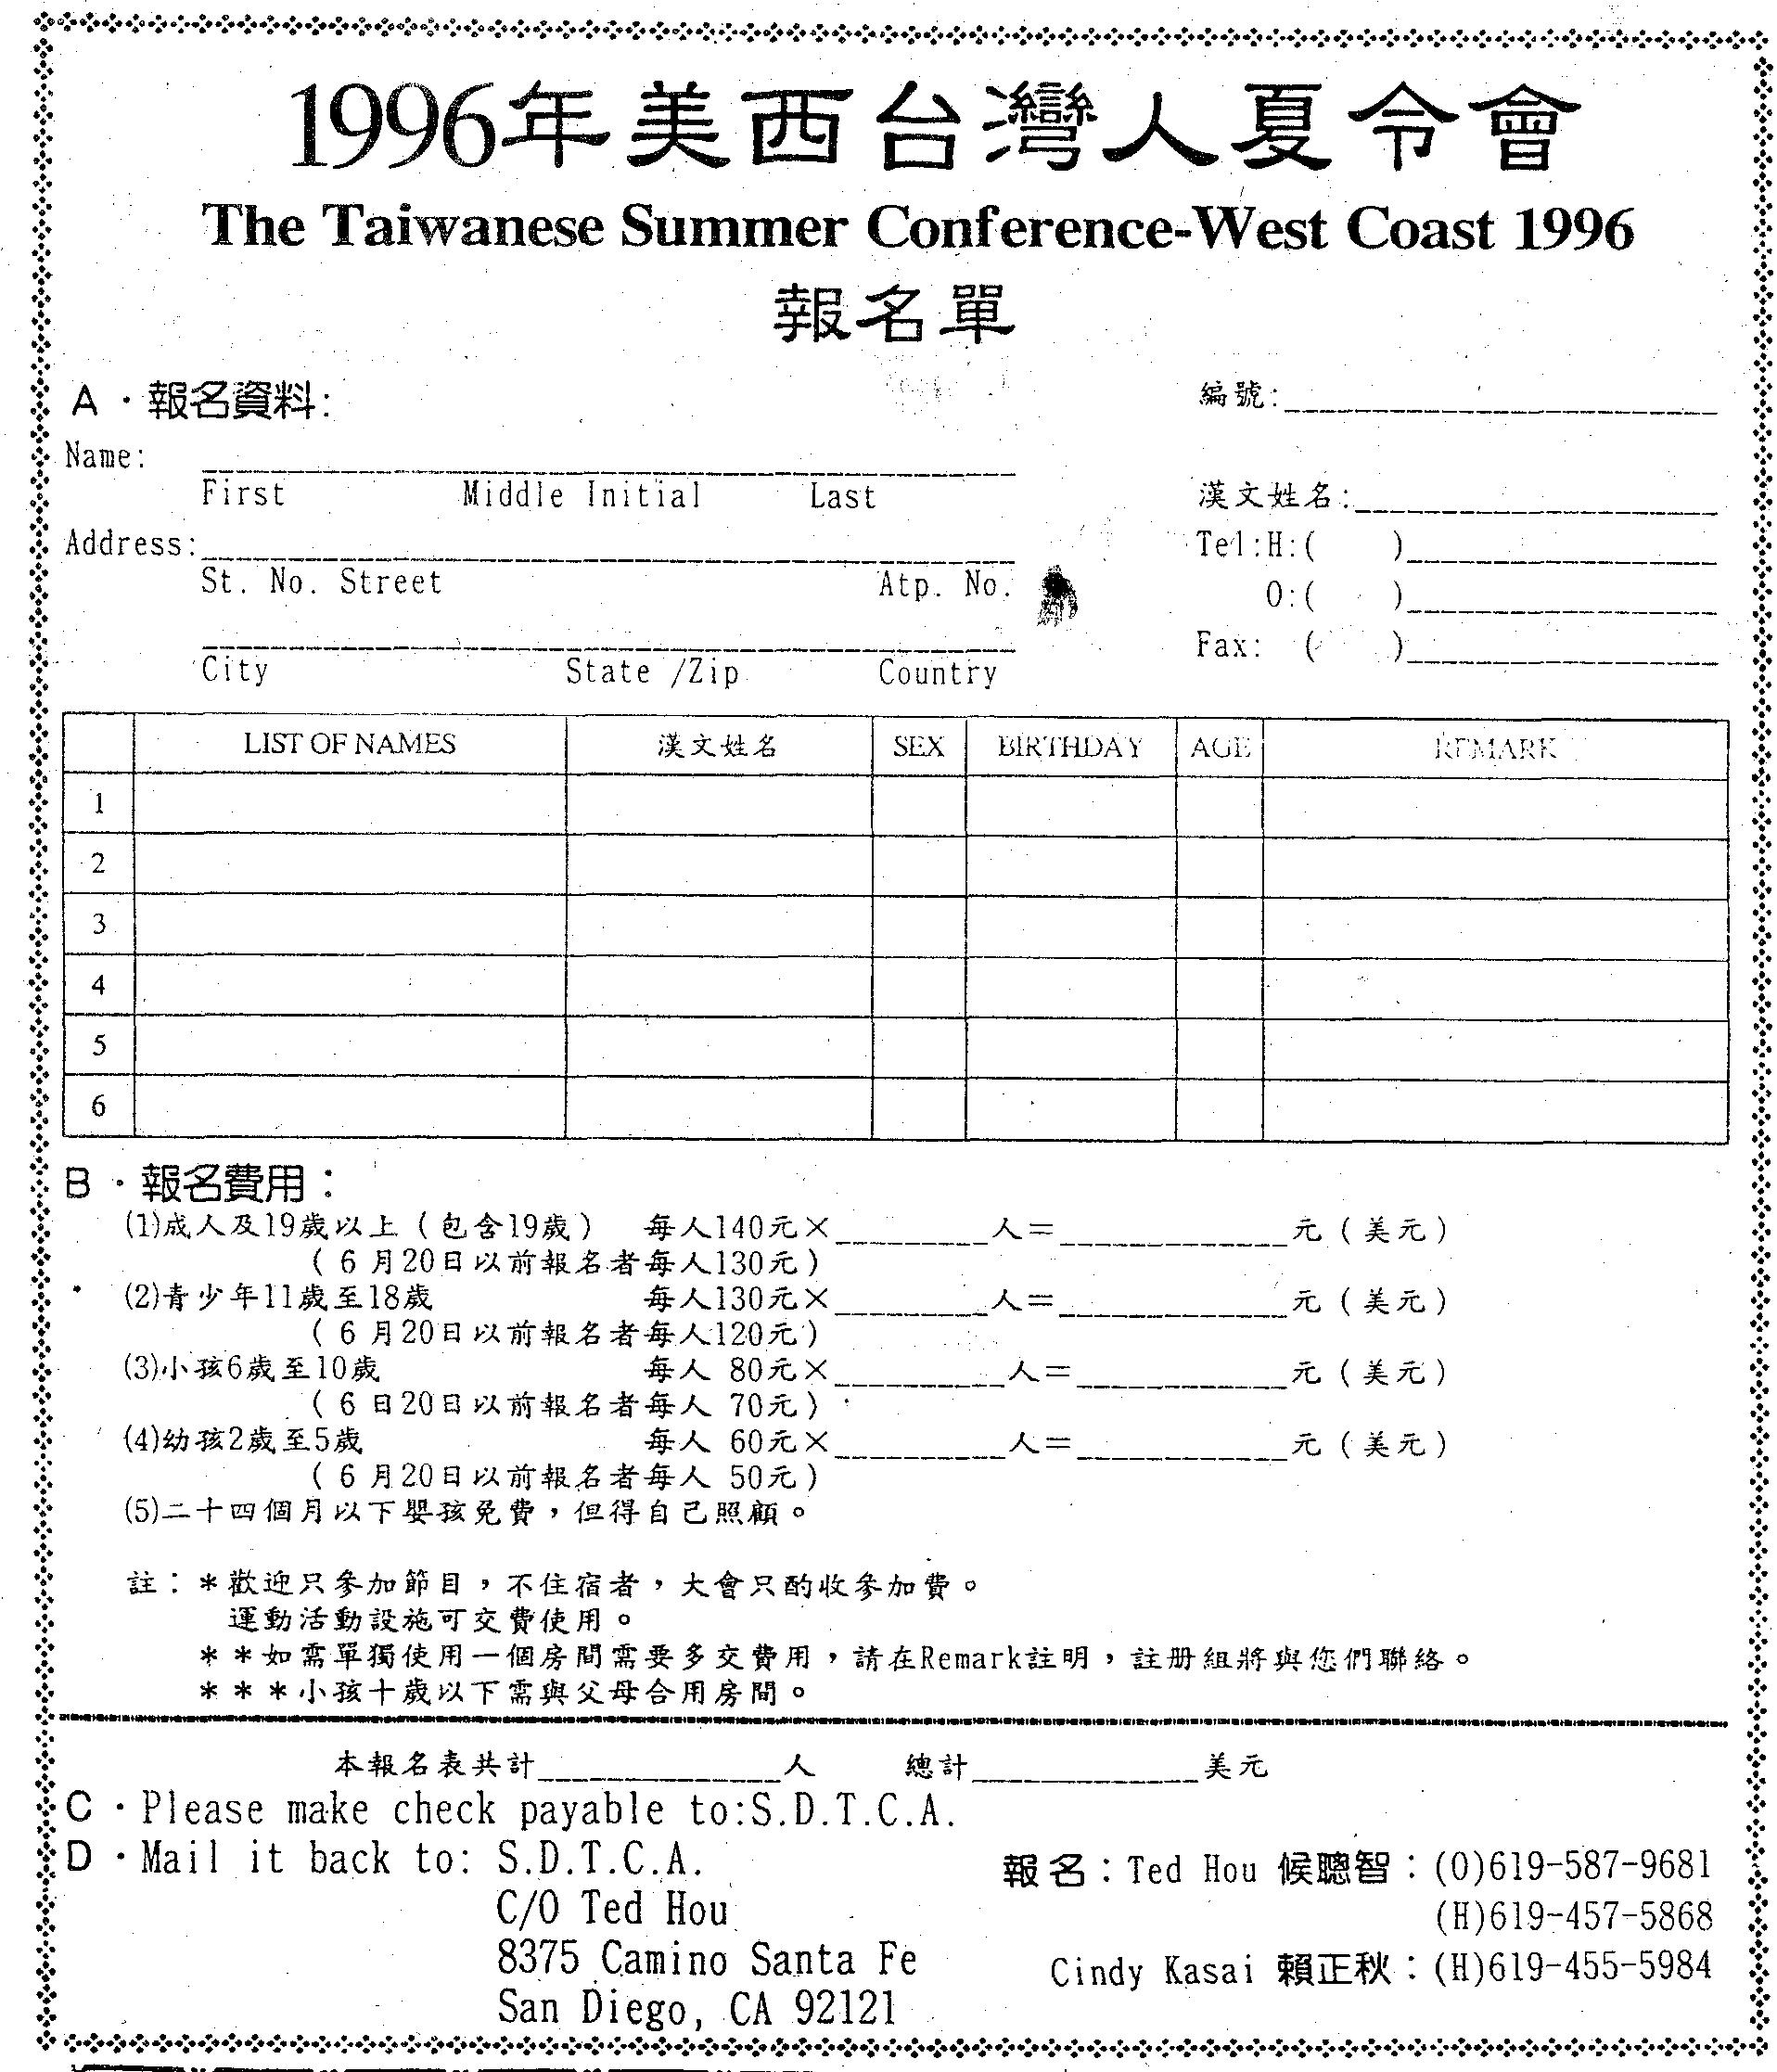 TACWC 1996